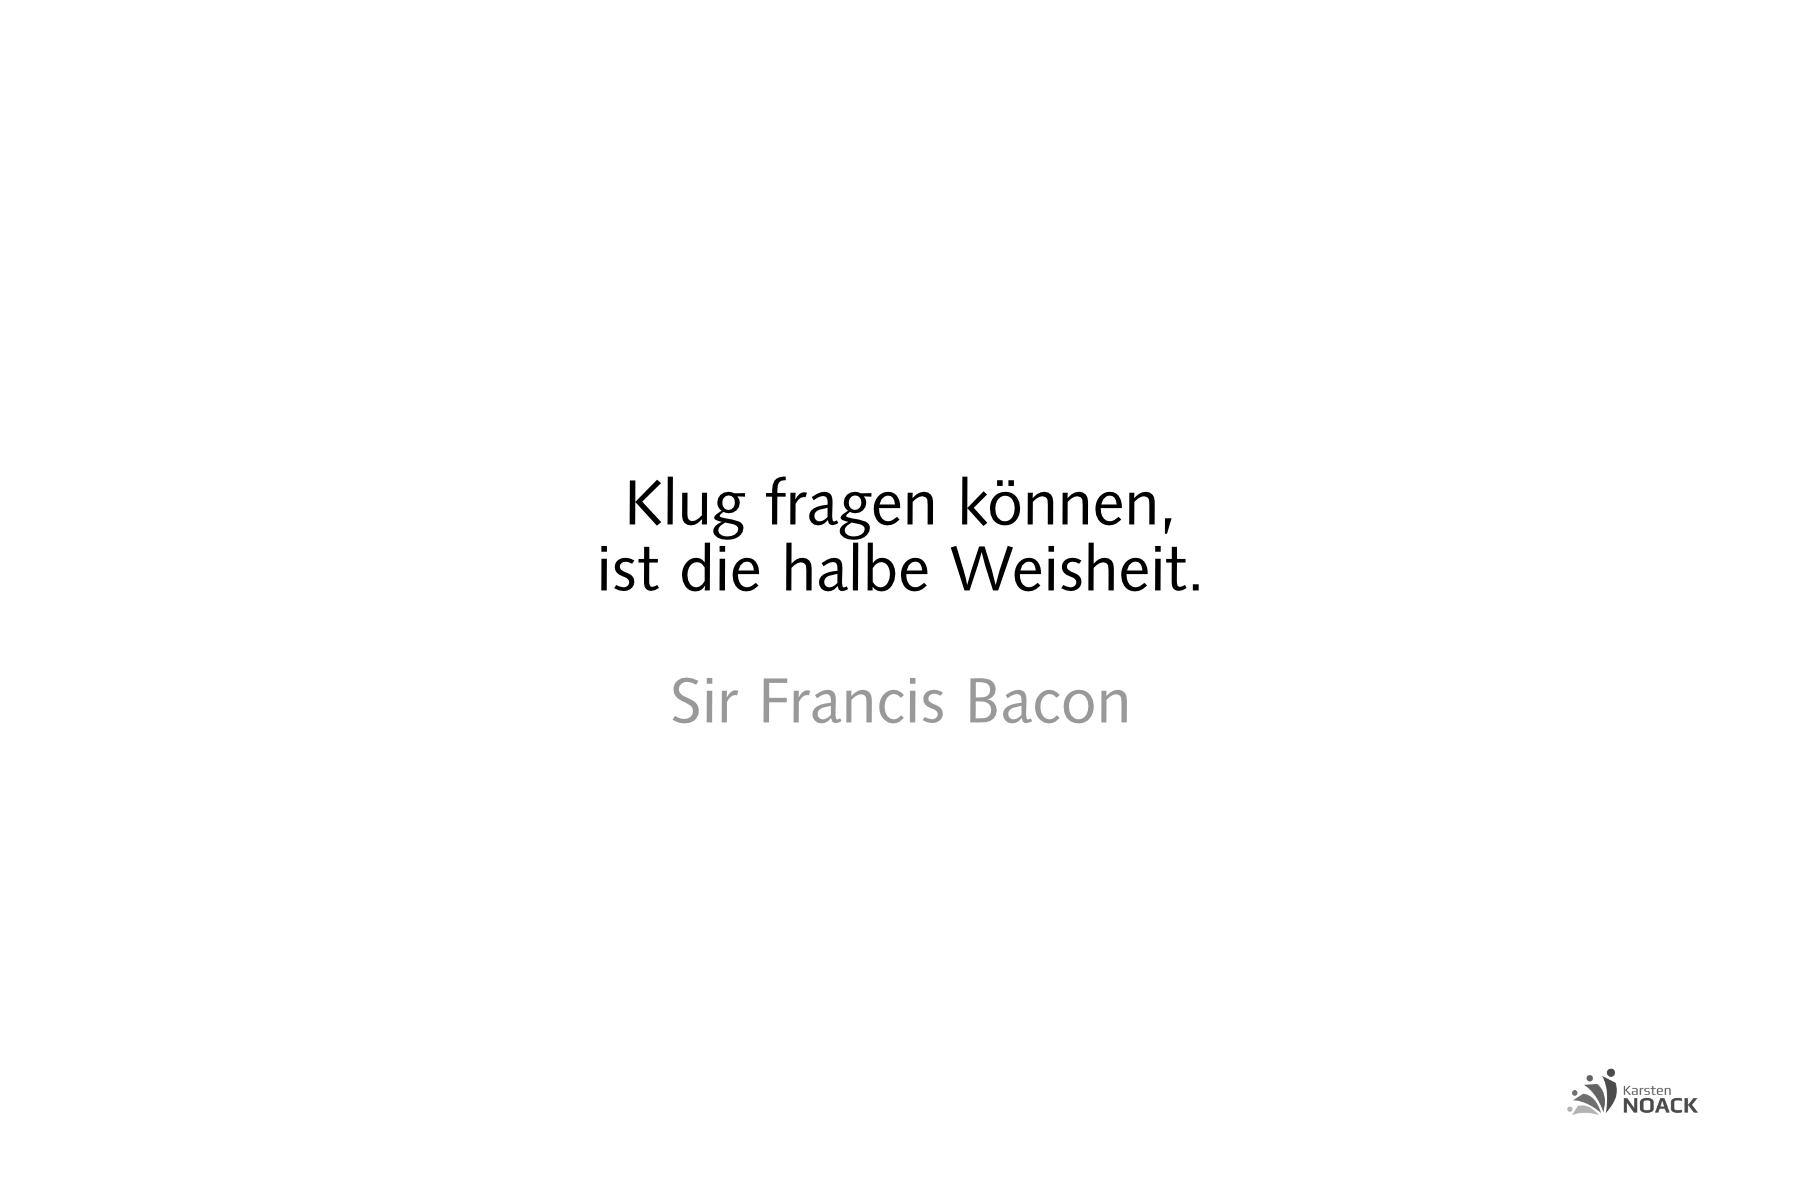 Klug fragen können, ist die halbe Weisheit. Sir Francis Bacon